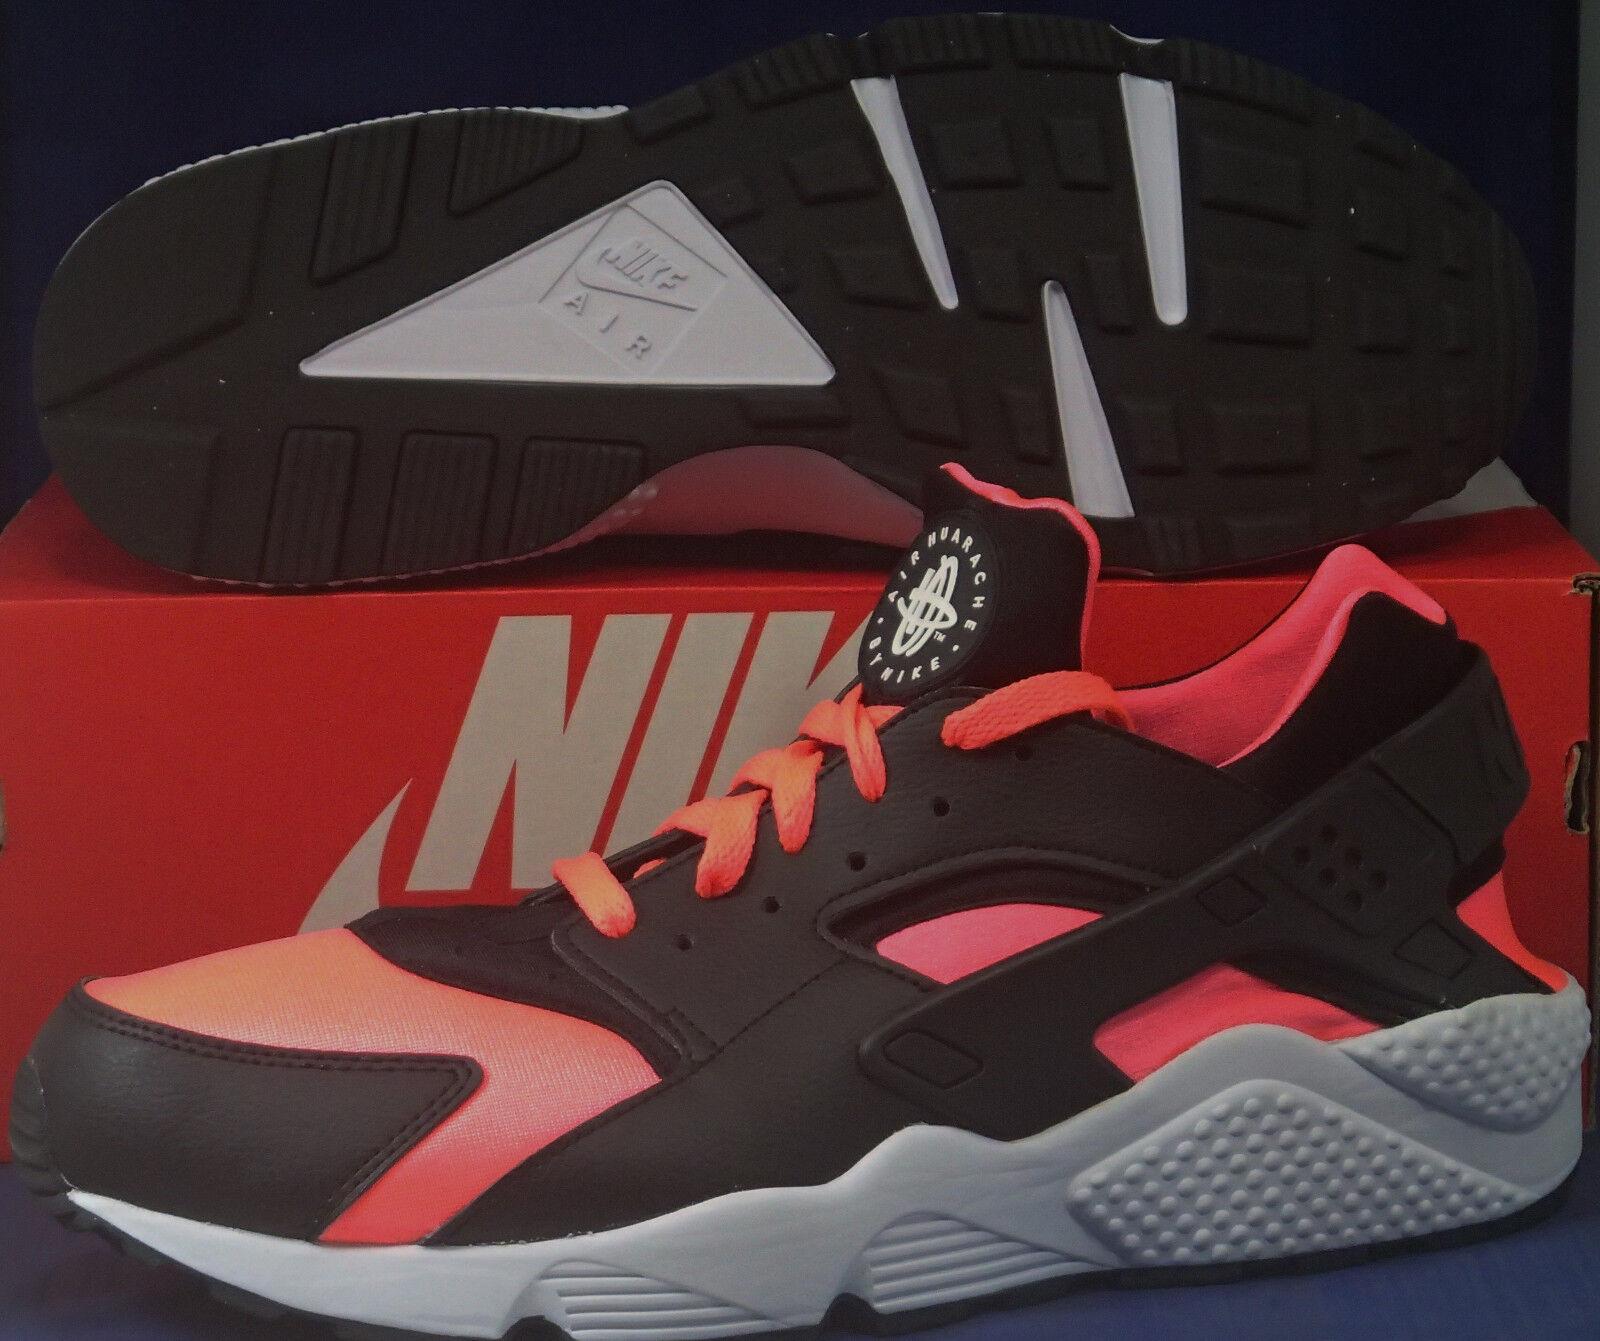 Nike Air Huarache Run Identità Nero Hot Lava Bianco Taglie Taglie Taglie 13 (777330-994) f8505b